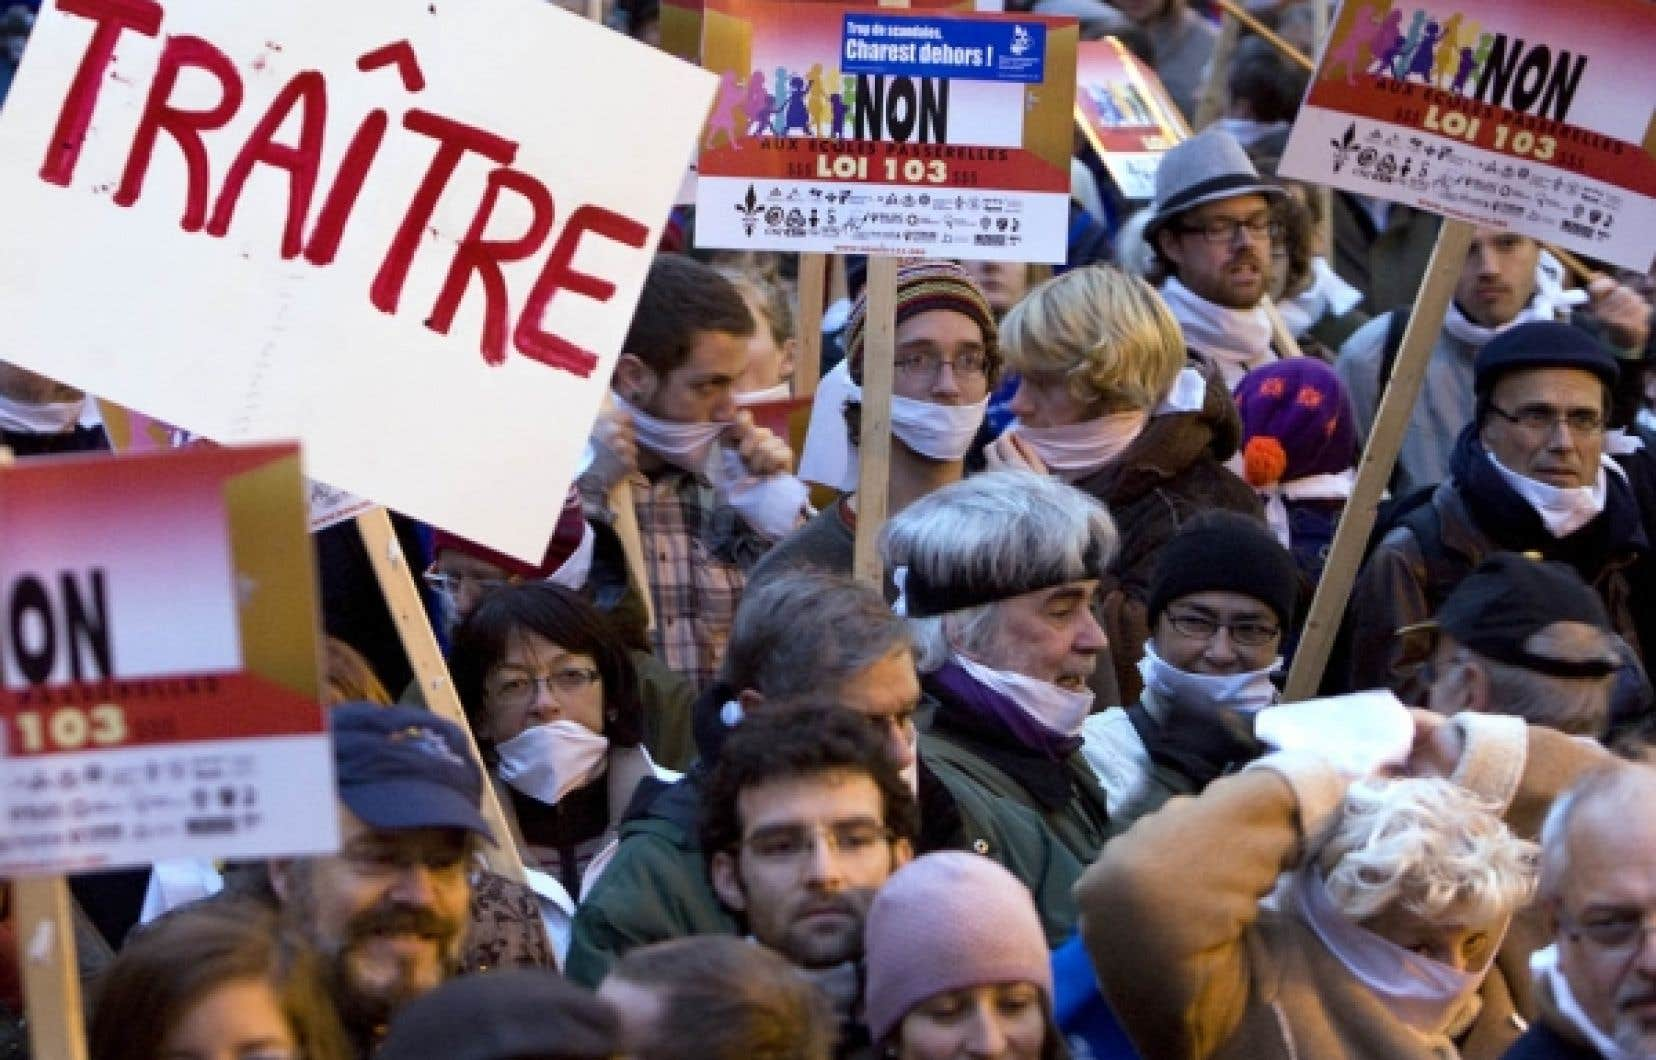 L'utilisation du bâillon par le gouvernement Charest pour l'adoption de la loi 115 a choqué plusieurs Québécois, lundi soir, qui sont descendus dans la rue pour manifester leur mécontentement.